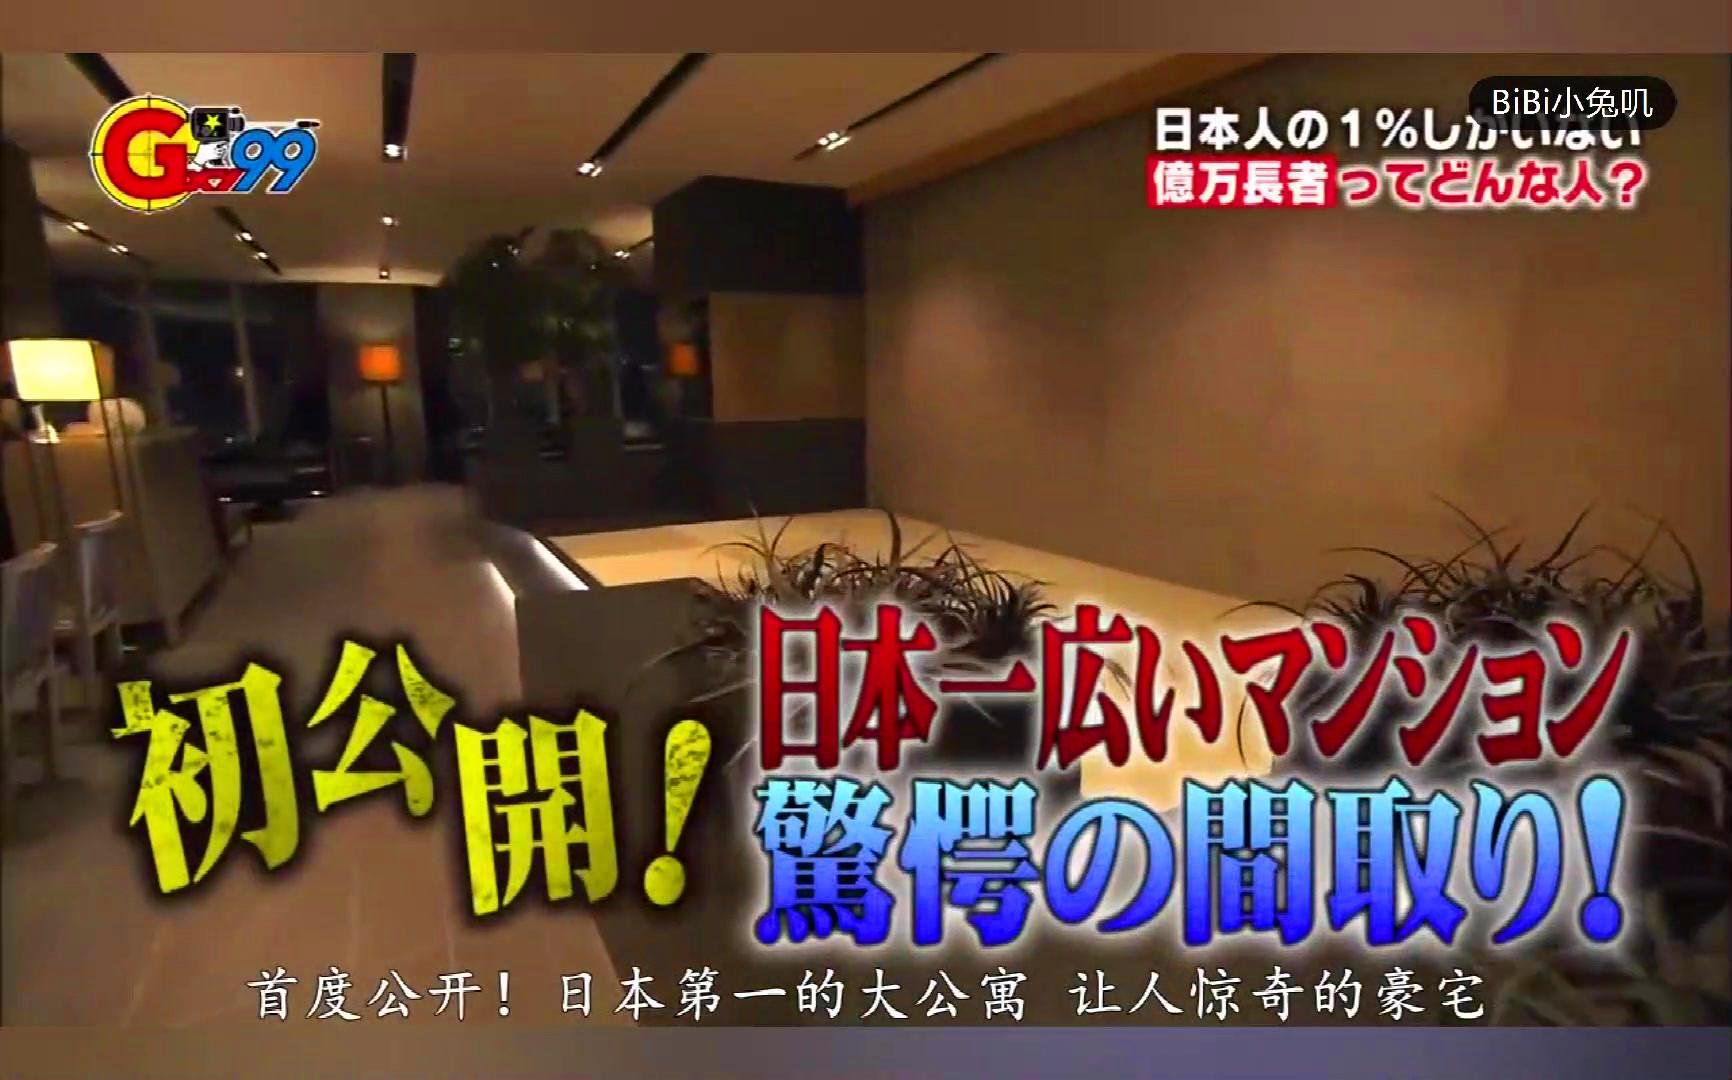 【高清熟肉】日本第一豪宅18亿円?带你看看中国杨丽萍·月亮宫!